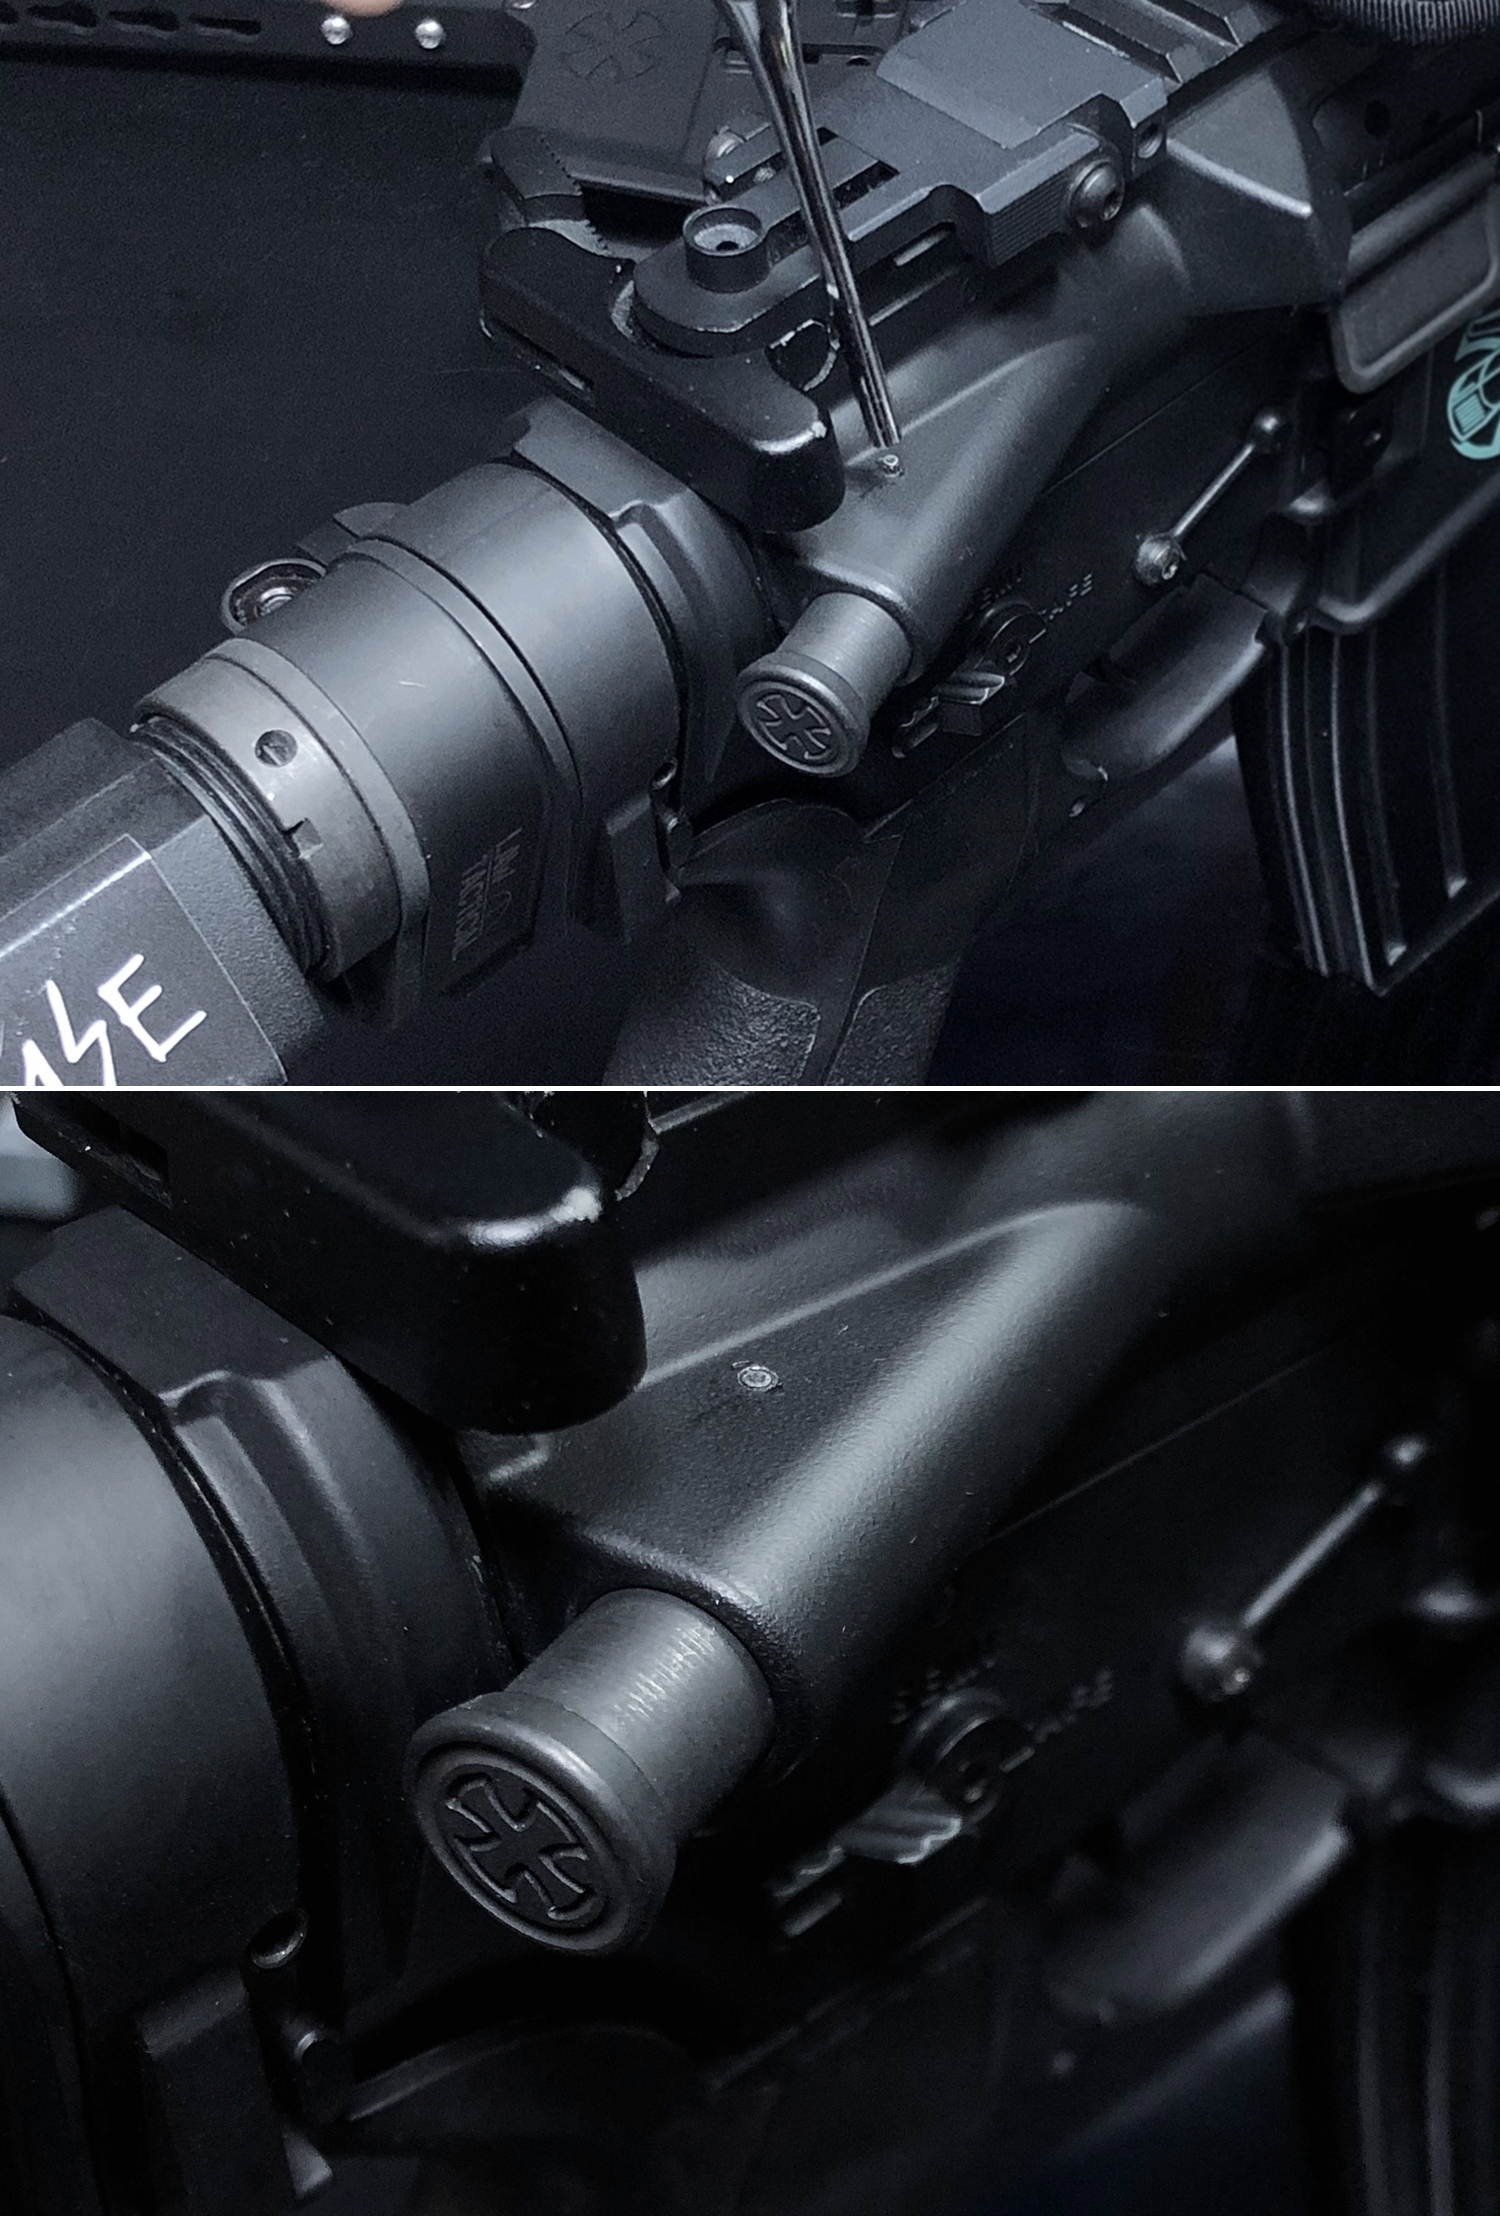 19 実物 NOVESKE MARKED FORWARD ASSIST KIT!! 次世代 AR-15 HILOG M4 N4 プチ DIY カスタム編!! フォワードアシストノブ フォアードアシスト!! 3D DIY 購入 加工 取付 交換 レビュー!!